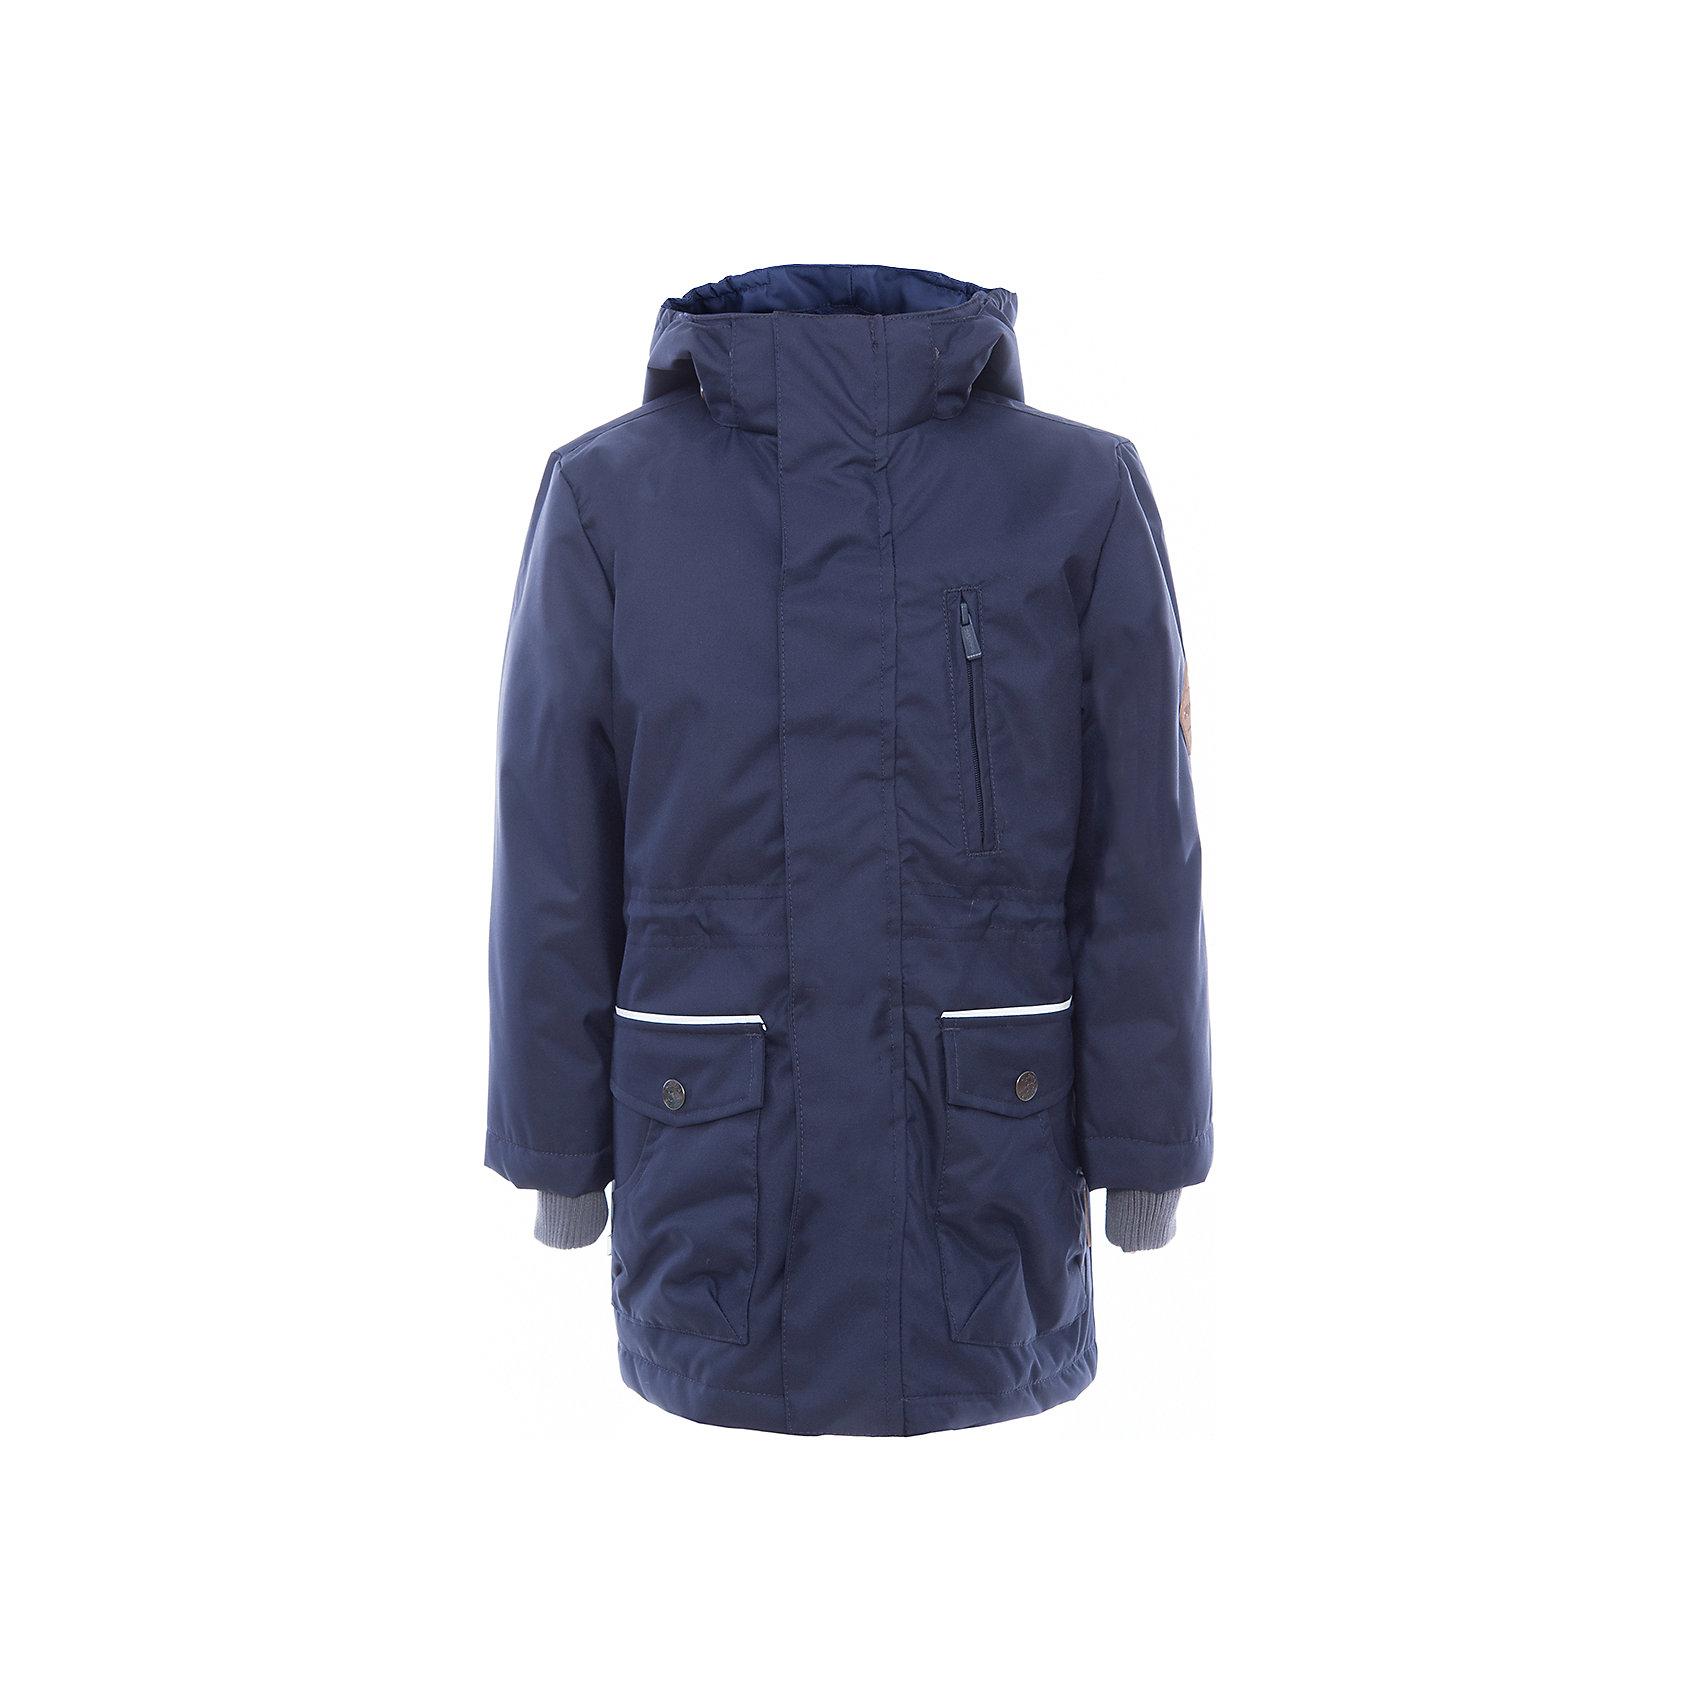 Куртка для мальчика ROLF HuppaДемисезонные куртки<br>Характеристики товара:<br><br>• цвет: тёмно-синий<br>• ткань: 100% полиэстер<br>• подкладка: тафта - 100% полиэстер<br>• утеплитель: 100% полиэстер 100 г<br>• температурный режим: от -5°С до +10°С<br>• водонепроницаемость: 10000 мм<br>• воздухопроницаемость: 10000 мм<br>• светоотражающие детали<br>• эластичные манжеты<br>• молния<br>• плечевые швы проклеены<br>• карманы на молнии<br>• эластичный шнур + фиксатор<br>• съёмный капюшон с резинкой<br>• внутренние вязаные манжеты<br>• комфортная посадка<br>• коллекция: весна-лето 2017<br>• страна бренда: Эстония<br><br>Эта стильная куртка обеспечит детям тепло и комфорт. Она сделана из материала, отталкивающего воду, и дополнено подкладкой с утеплителем, поэтому изделие идеально подходит для межсезонья. Материал изделия - с мембранной технологией: защищая от влаги и ветра, он легко выводит лишнюю влагу наружу. Для удобства сделан капюшон. Куртка очень симпатично смотрится, яркая расцветка и крой добавляют ему оригинальности. Модель была разработана специально для детей.<br><br>Одежда и обувь от популярного эстонского бренда Huppa - отличный вариант одеть ребенка можно и комфортно. Вещи, выпускаемые компанией, качественные, продуманные и очень удобные. Для производства изделий используются только безопасные для детей материалы. Продукция от Huppa порадует и детей, и их родителей!<br><br>Куртку для мальчика ROLF от бренда Huppa (Хуппа) можно купить в нашем интернет-магазине.<br><br>Ширина мм: 356<br>Глубина мм: 10<br>Высота мм: 245<br>Вес г: 519<br>Цвет: синий<br>Возраст от месяцев: 108<br>Возраст до месяцев: 120<br>Пол: Мужской<br>Возраст: Детский<br>Размер: 140,104,110,116,146,122,152,128,158,164,134,170<br>SKU: 5347075